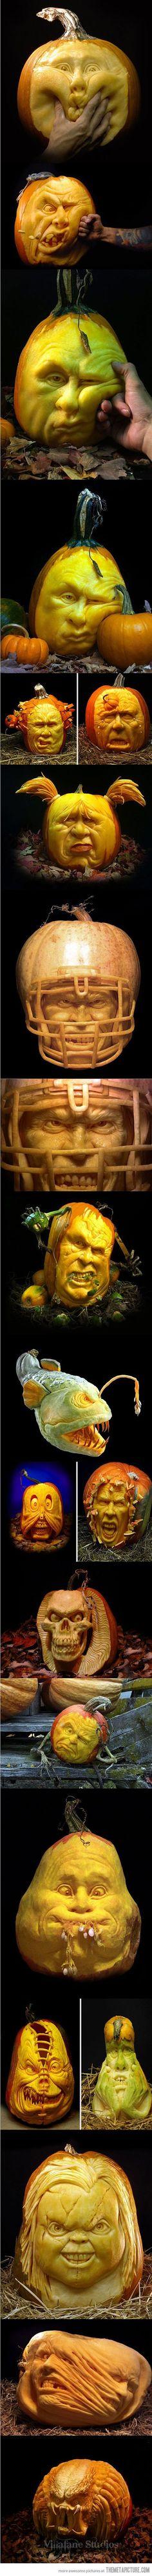 Amazing Jack-o-lanterns!